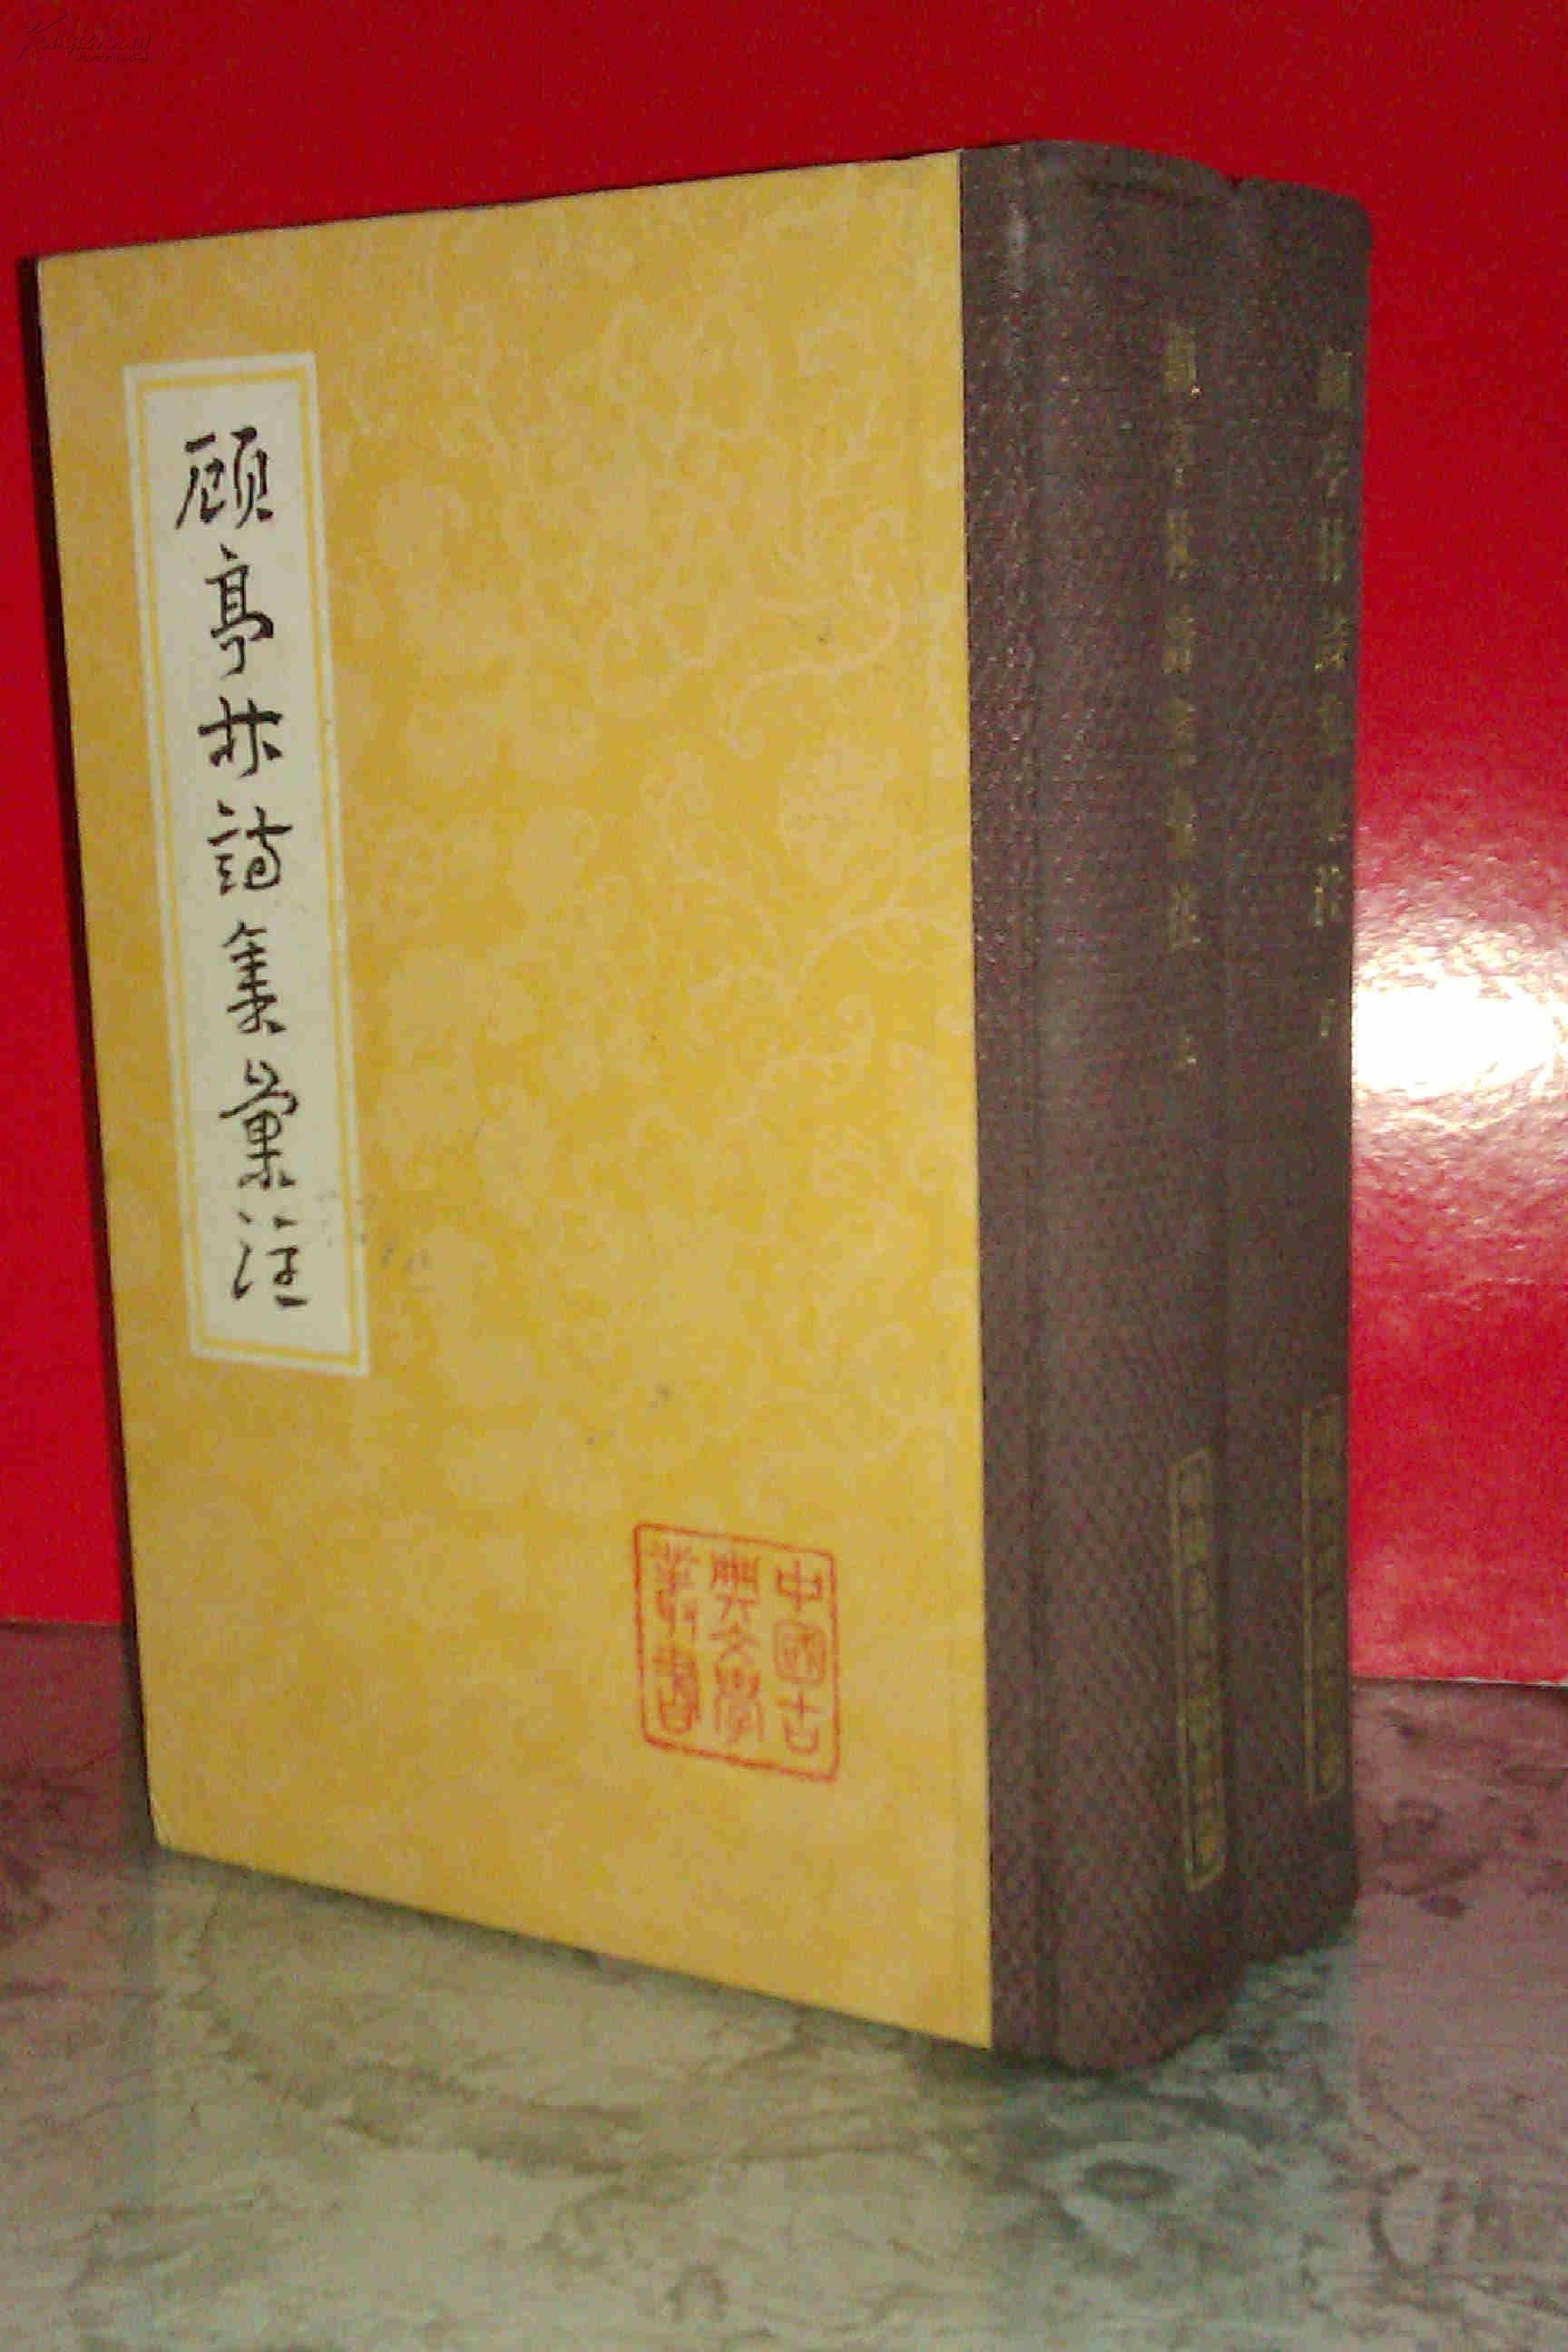 顾亭林诗集汇注 上下两册全  硬精装布背脊  私藏未阅品好  上海古籍出版社1983年一版一印  印数仅2200册